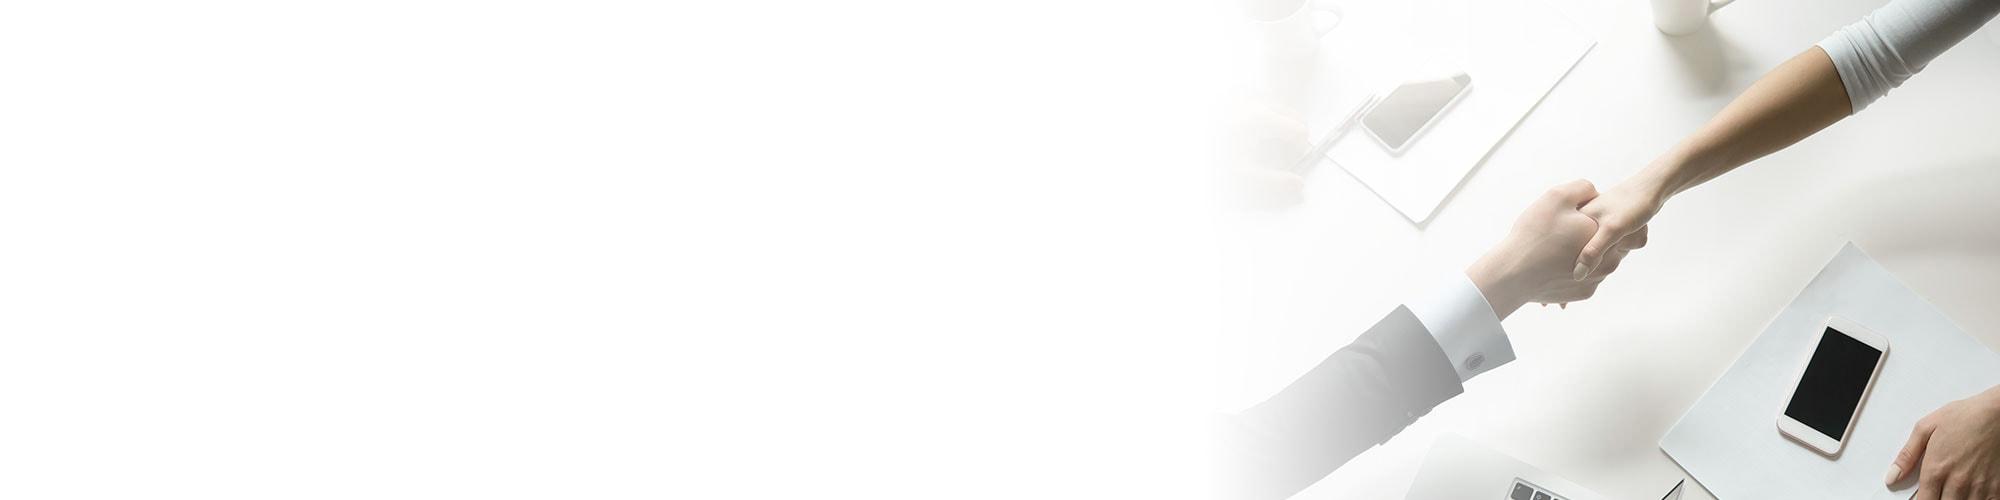 日本アイ・ビー・エム共同ソリューション・サービス株式会社 - CSOL | IBM